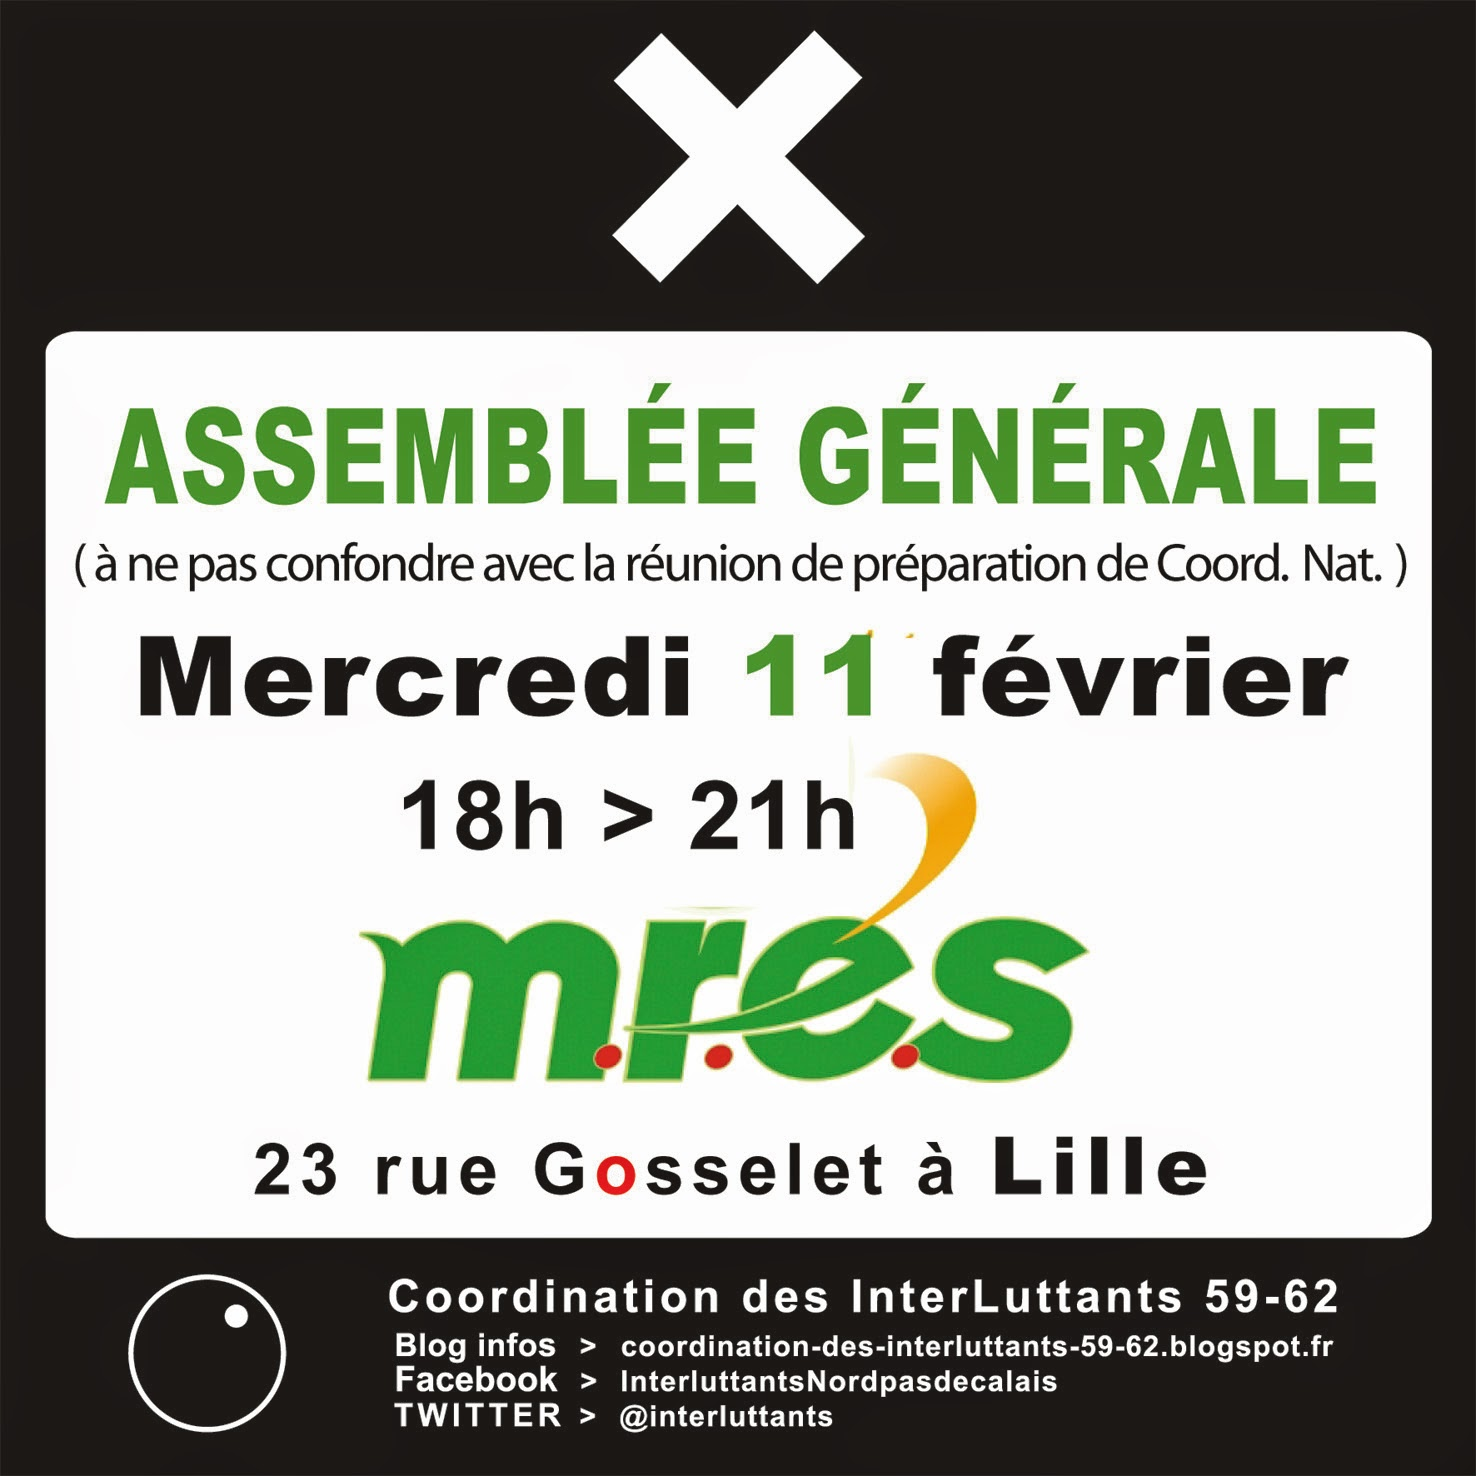 ASSEMBLÉE GÉNÉRALE / Mercredi 11 février - 18h00 > 21h00 / M.R.E.S (Maison Régionale de l'Environnement et des Solidarités) / 23 rue Gosselet - LILLE